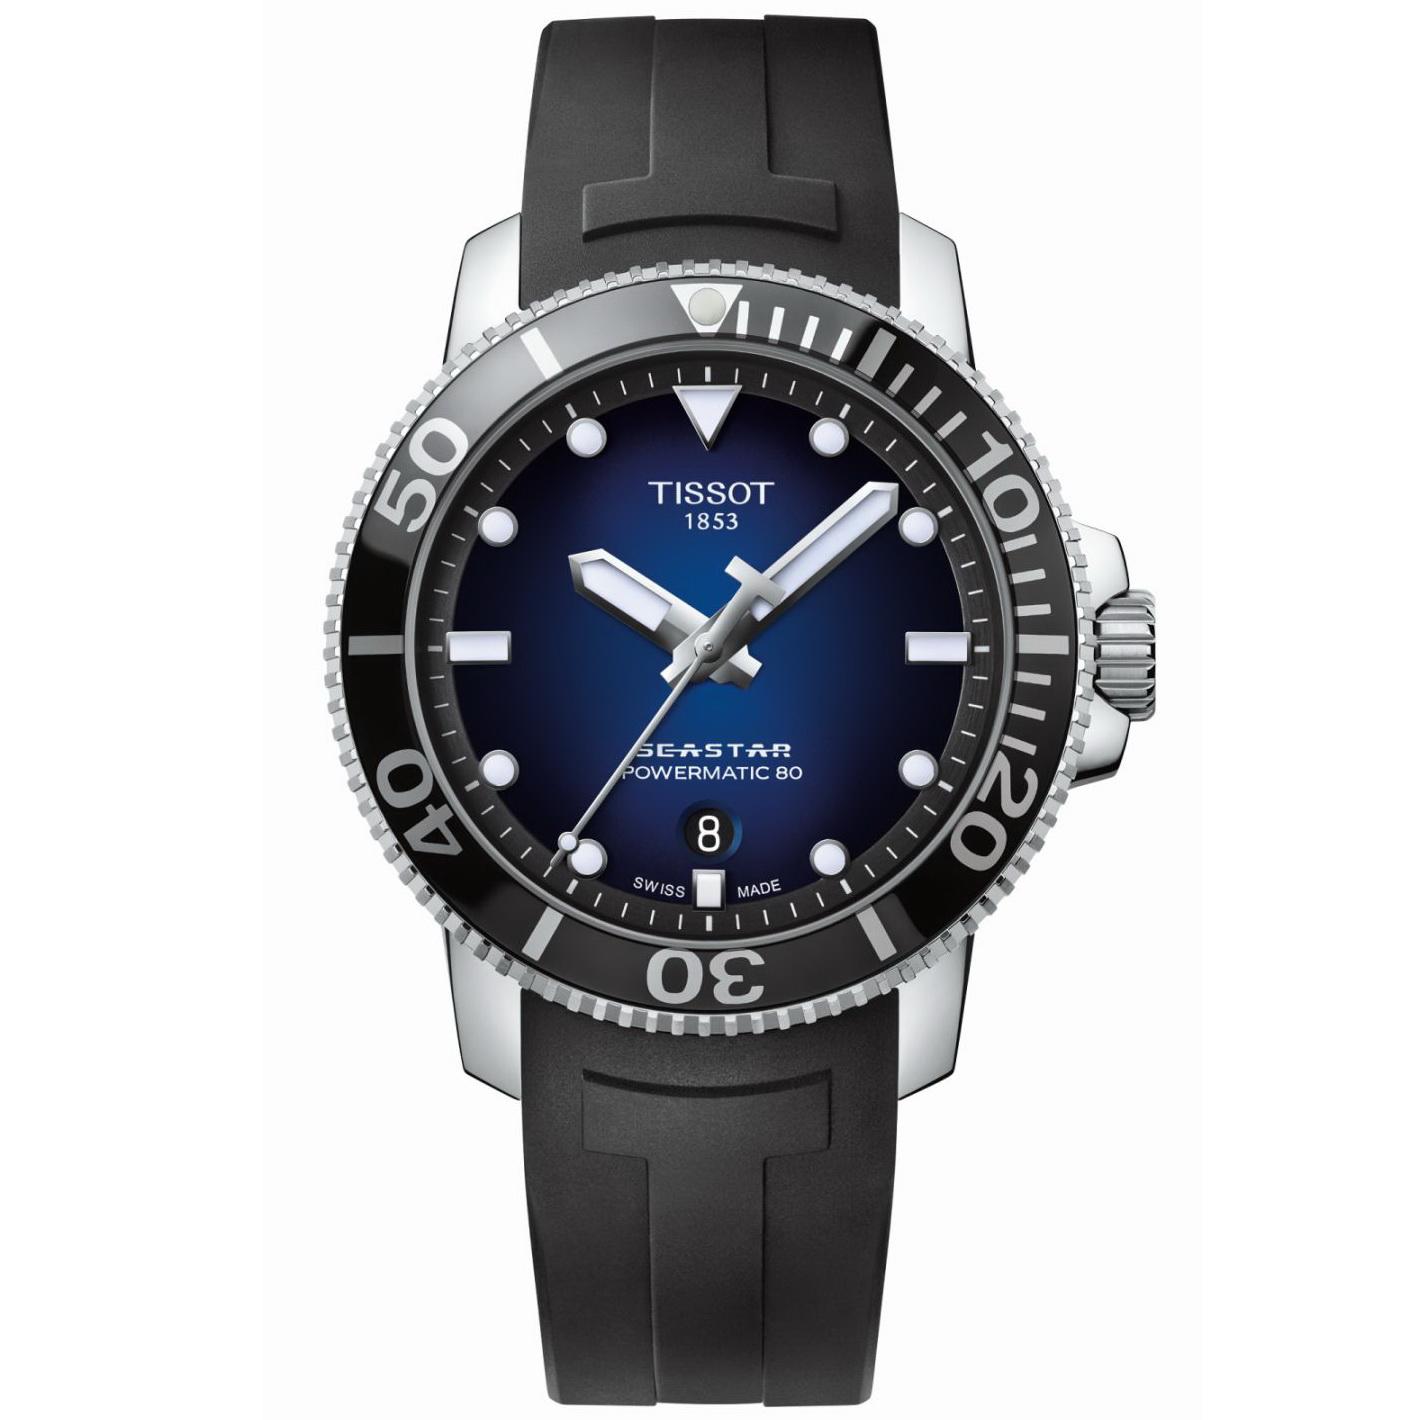 TIssot Seastar 1000 Powermatic 80 Diver